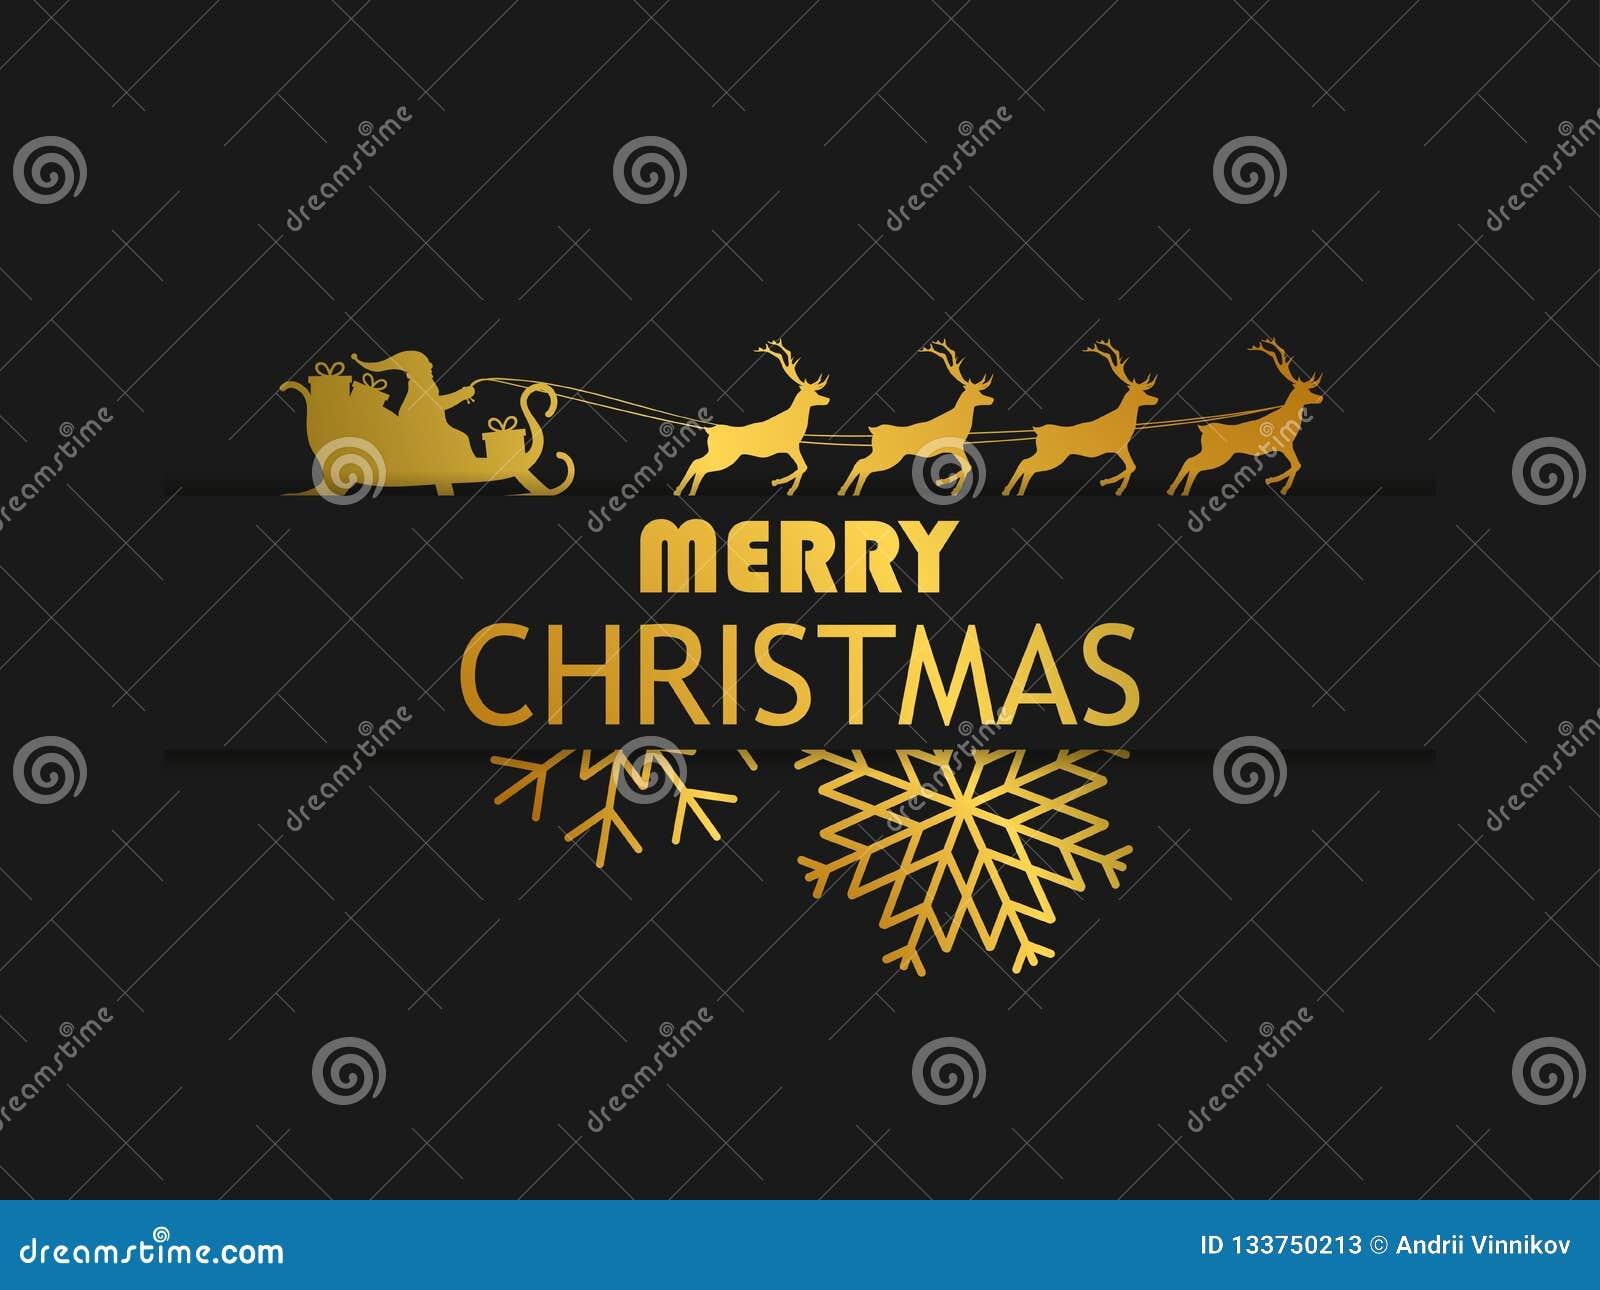 Χριστούγεννα εύθυμα Άγιος Βασίλης σε ένα έλκηθρο με τον τάρανδο στο μαύρο υπόβαθρο Πρότυπο σχεδίου ευχετήριων καρτών με τη χρυσή